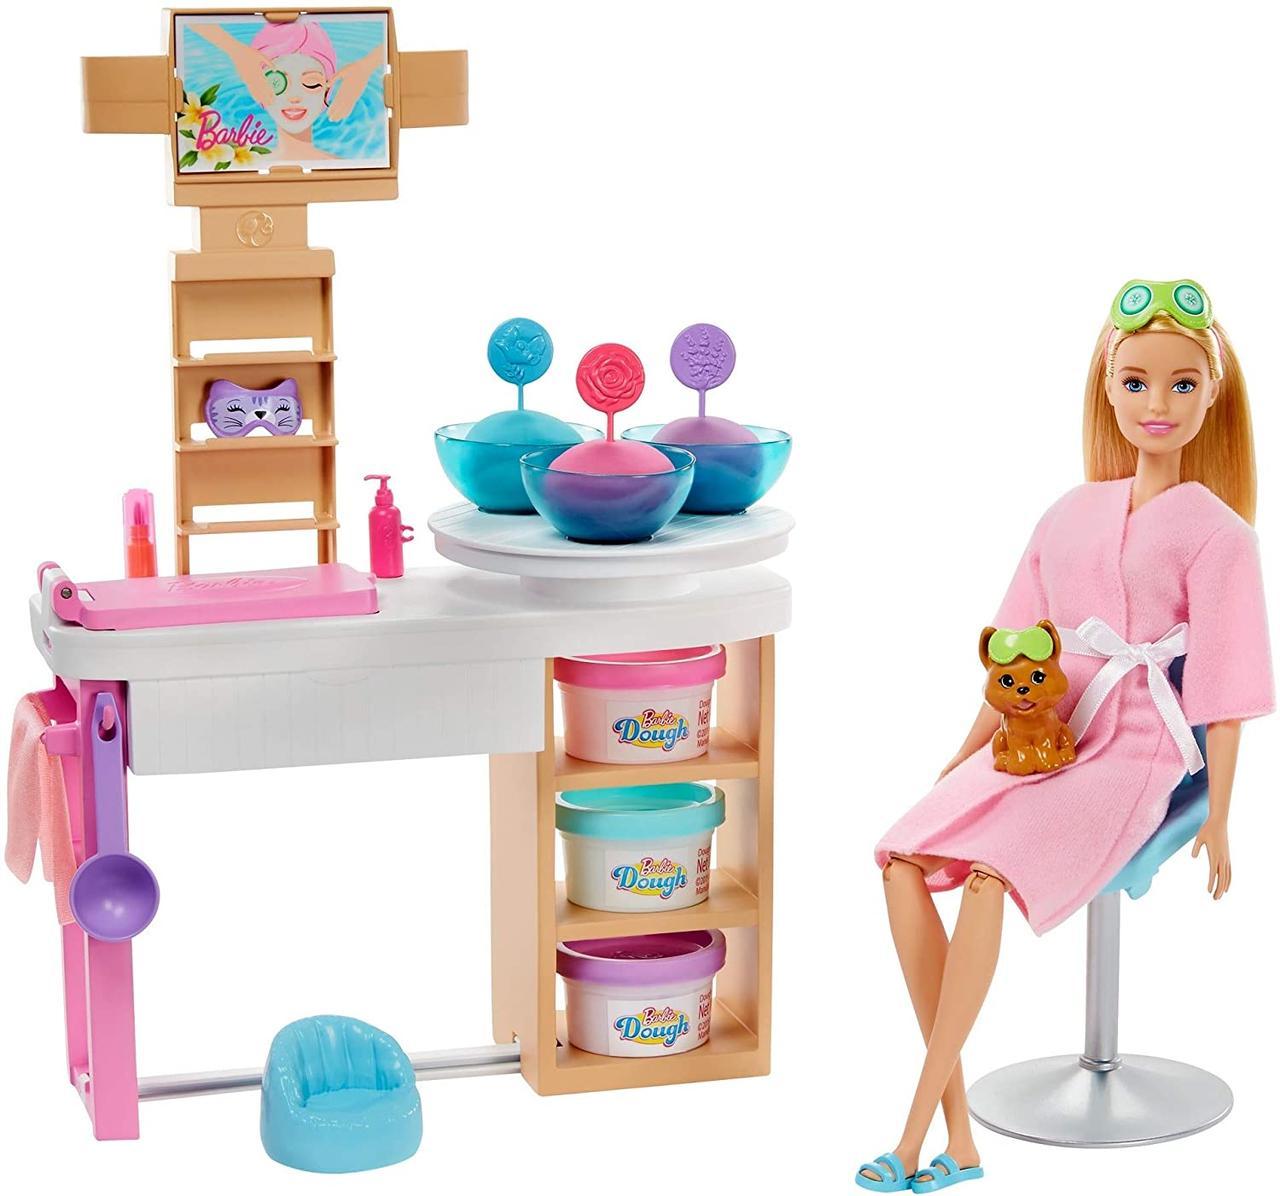 Лялька Барбі Блондинка і набір СПА догляд за шкірою Barbie